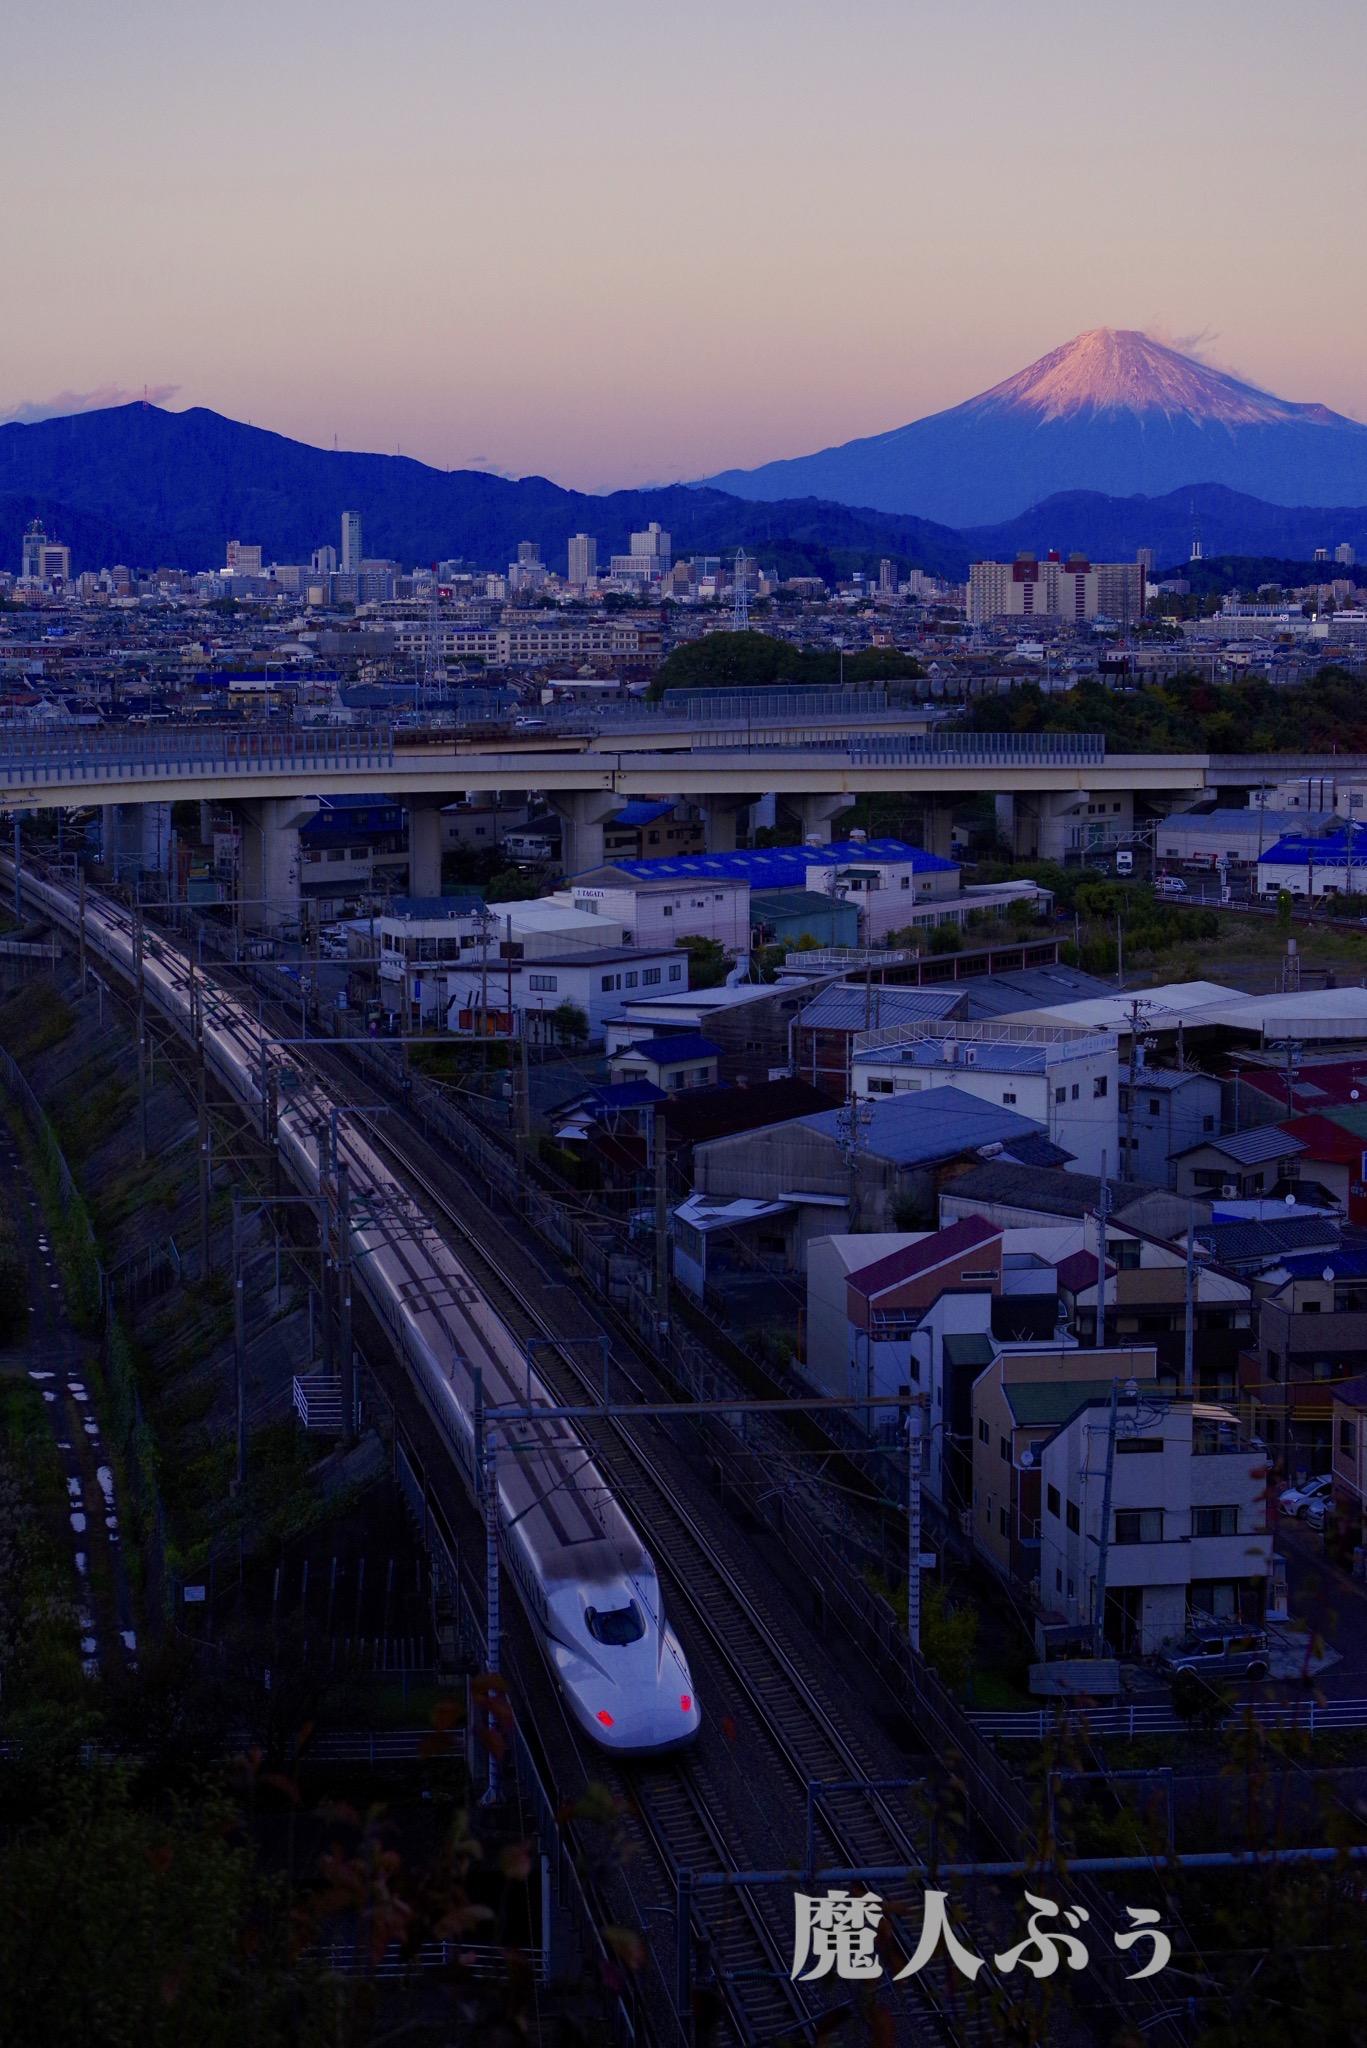 takagi_a1_IMGP2233.jpg